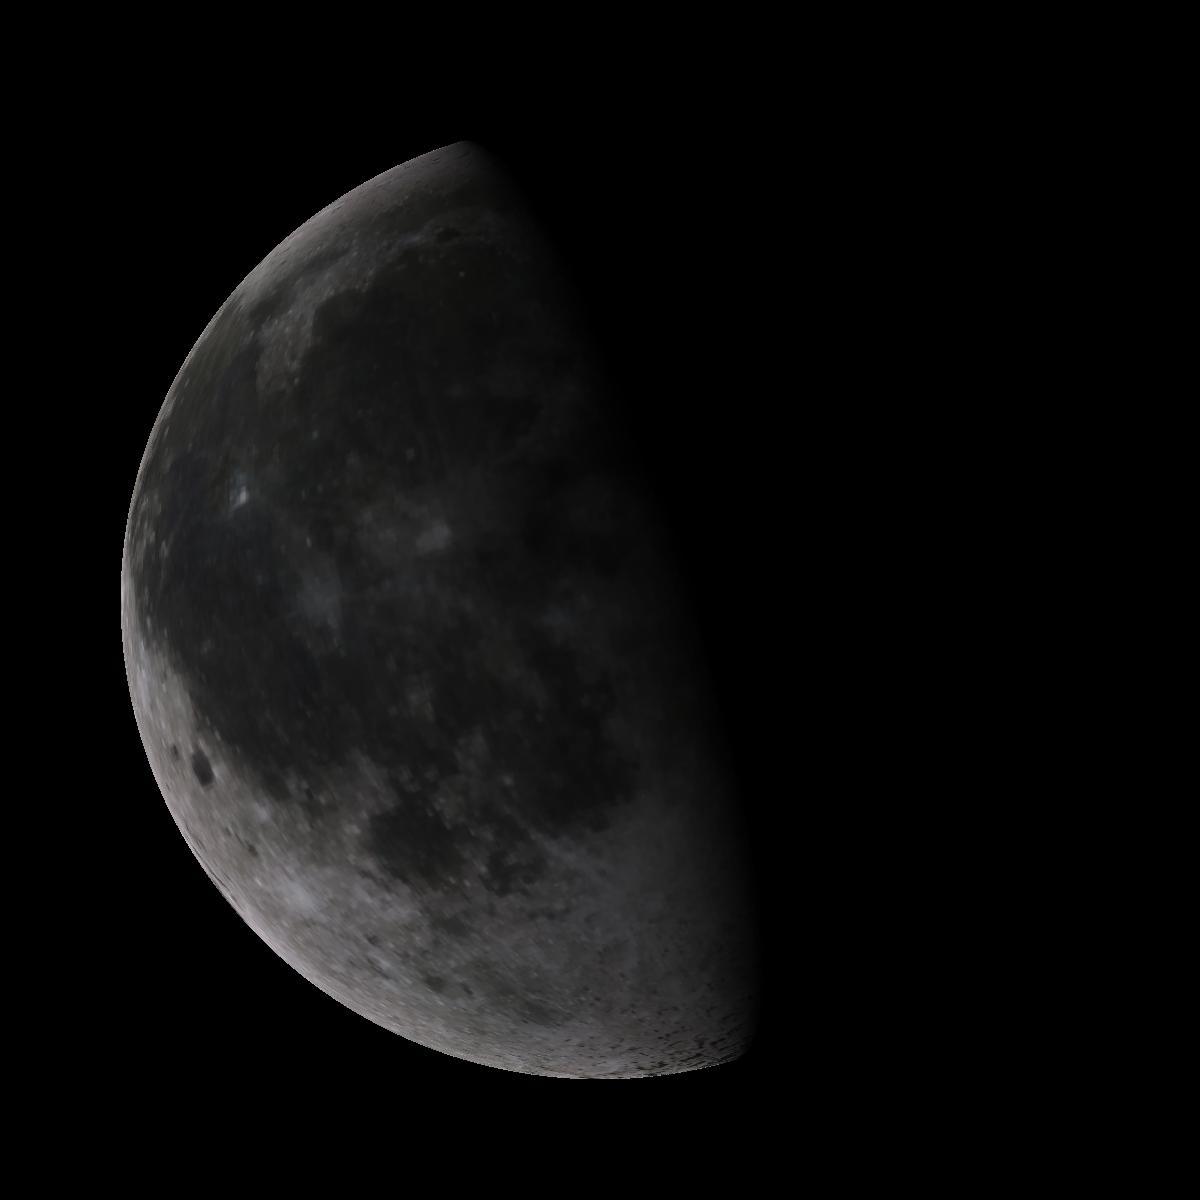 Lune du 19 novembre 2019